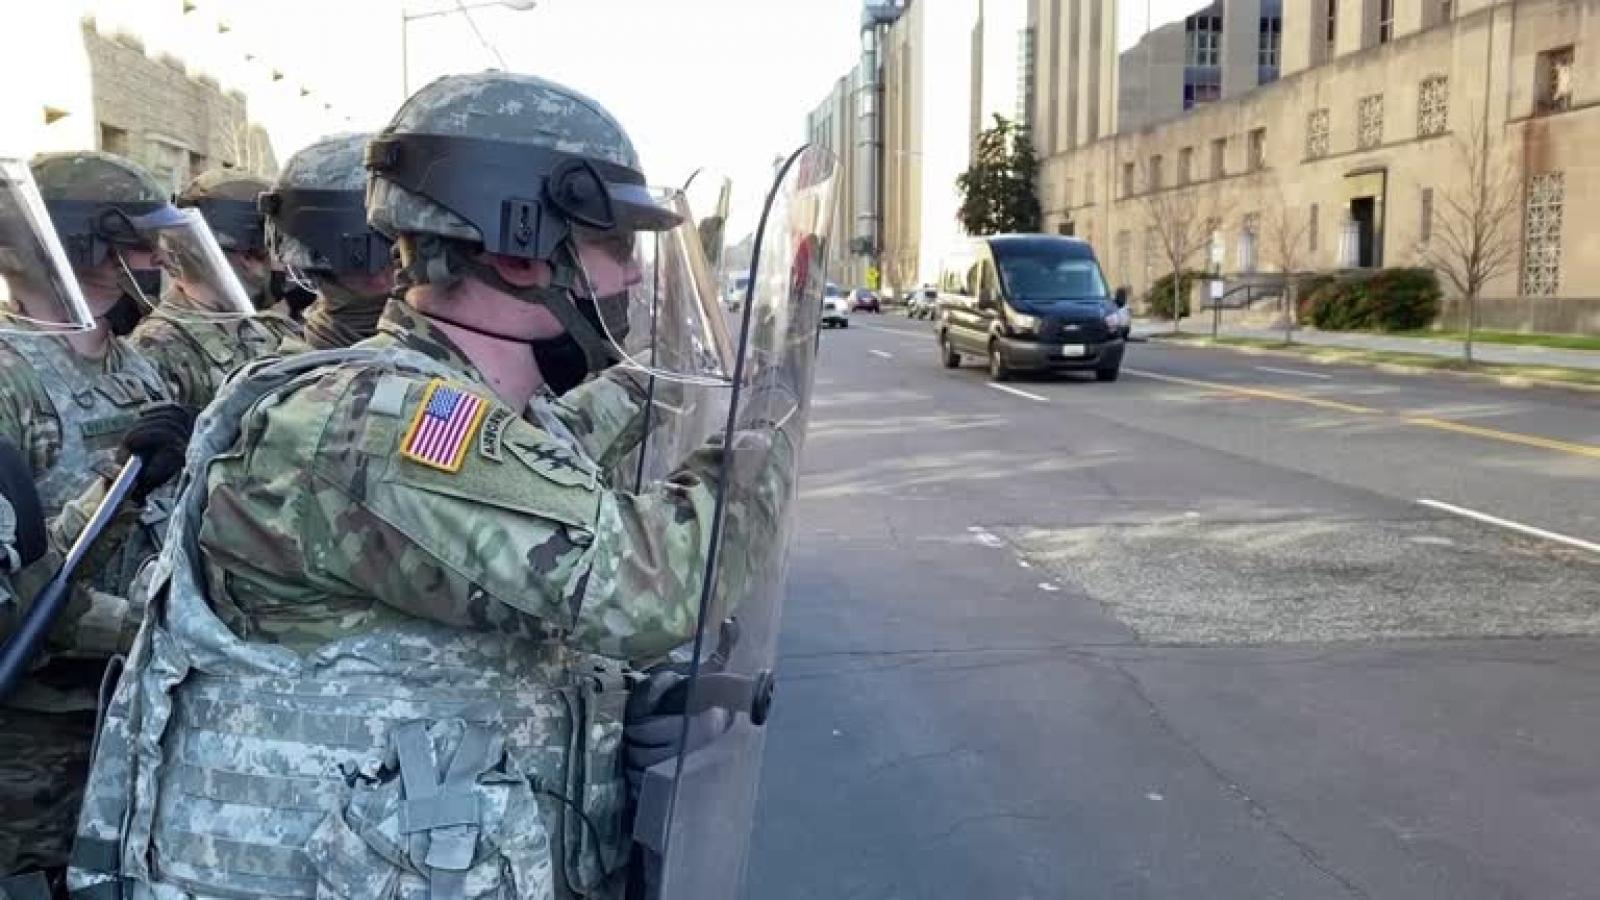 12 thành viên Vệ binh Quốc gia bị loại khỏilễ nhậm chức của tổng thống Mỹ